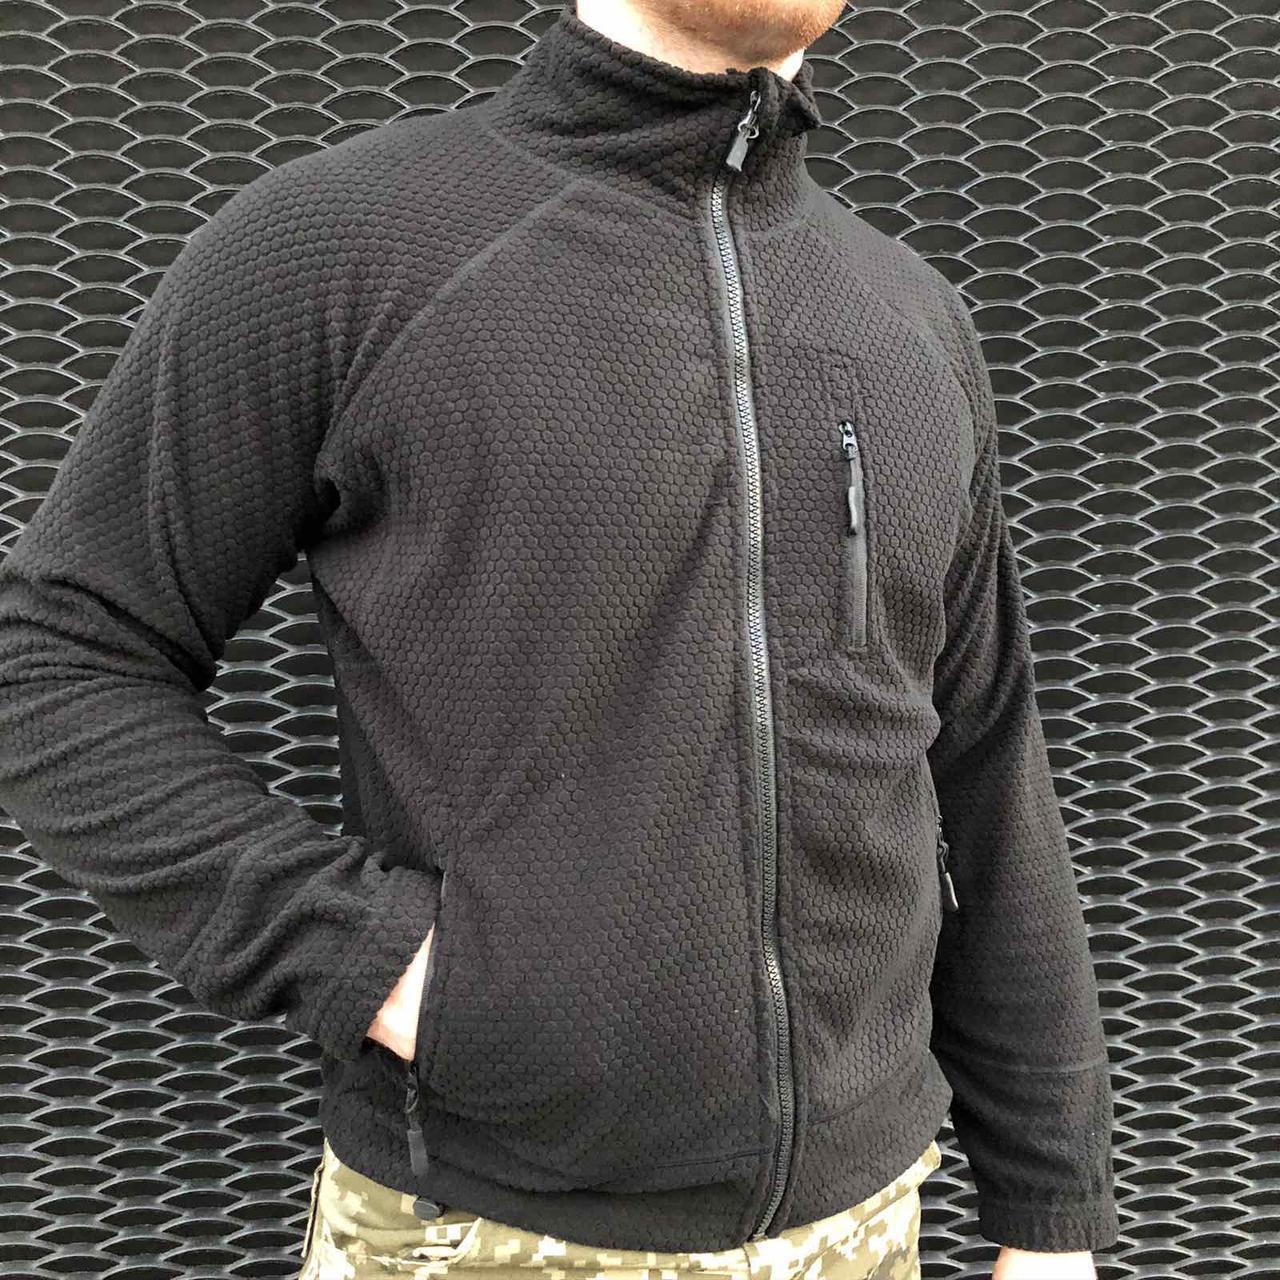 Флиска тактическая, армейская, военная кофта ESDY Shark кубик черный